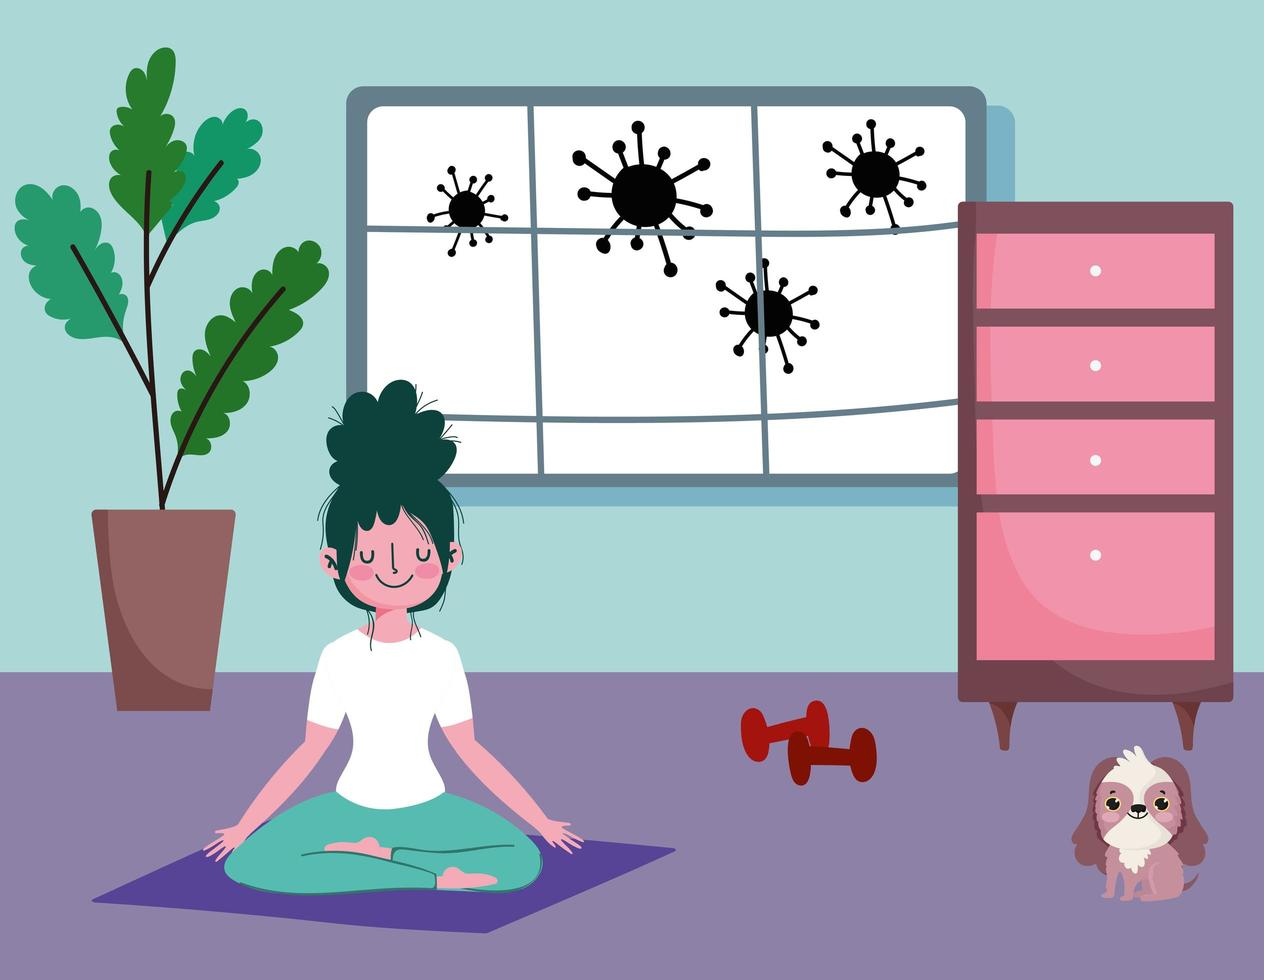 jovem fazendo ioga em casa vetor